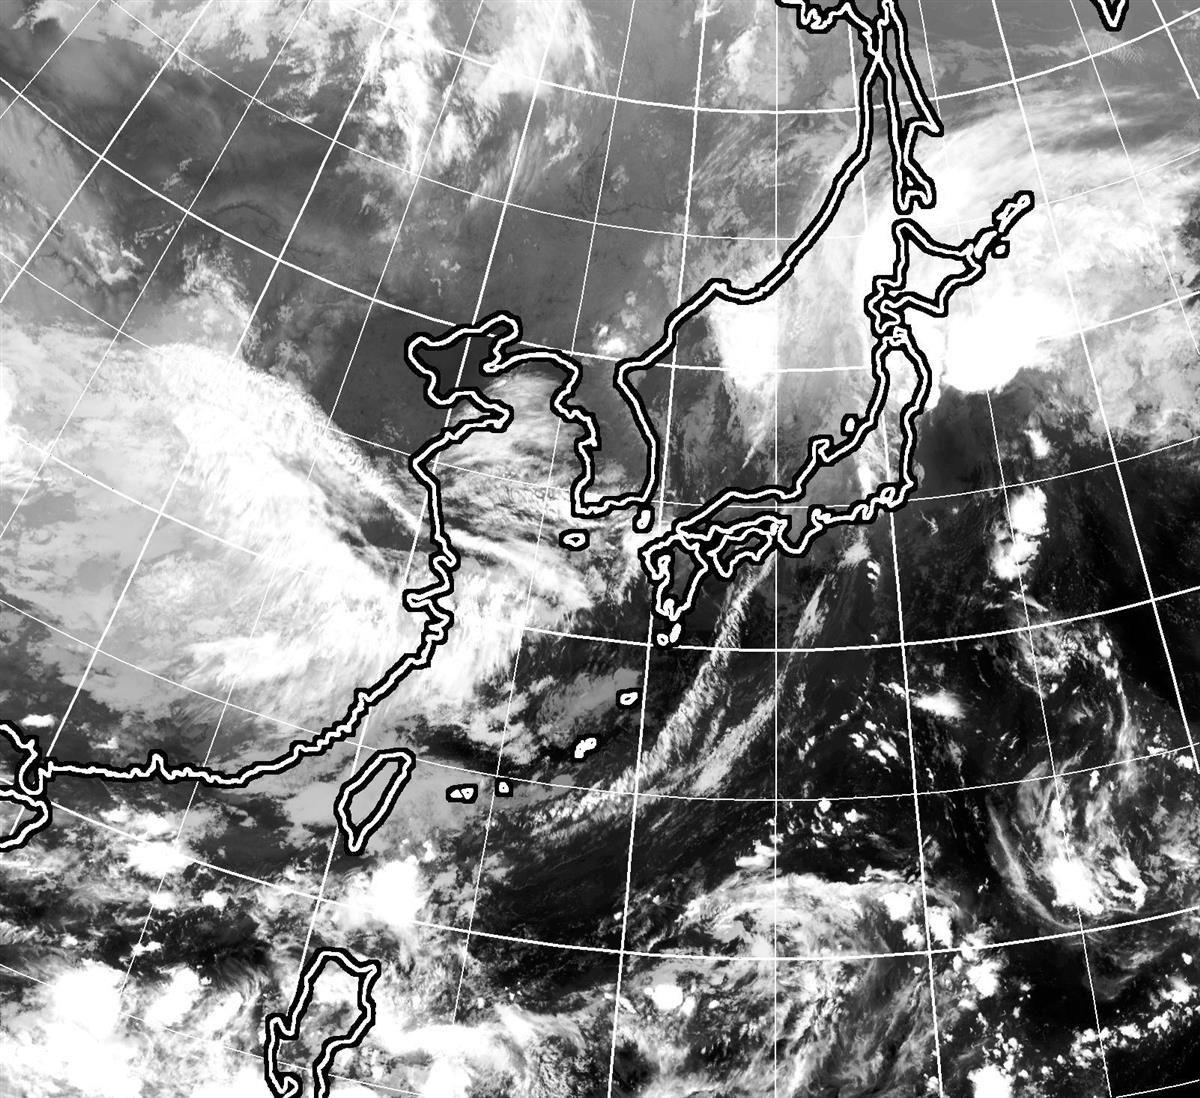 25日午後9時現在のひまわり雲画像